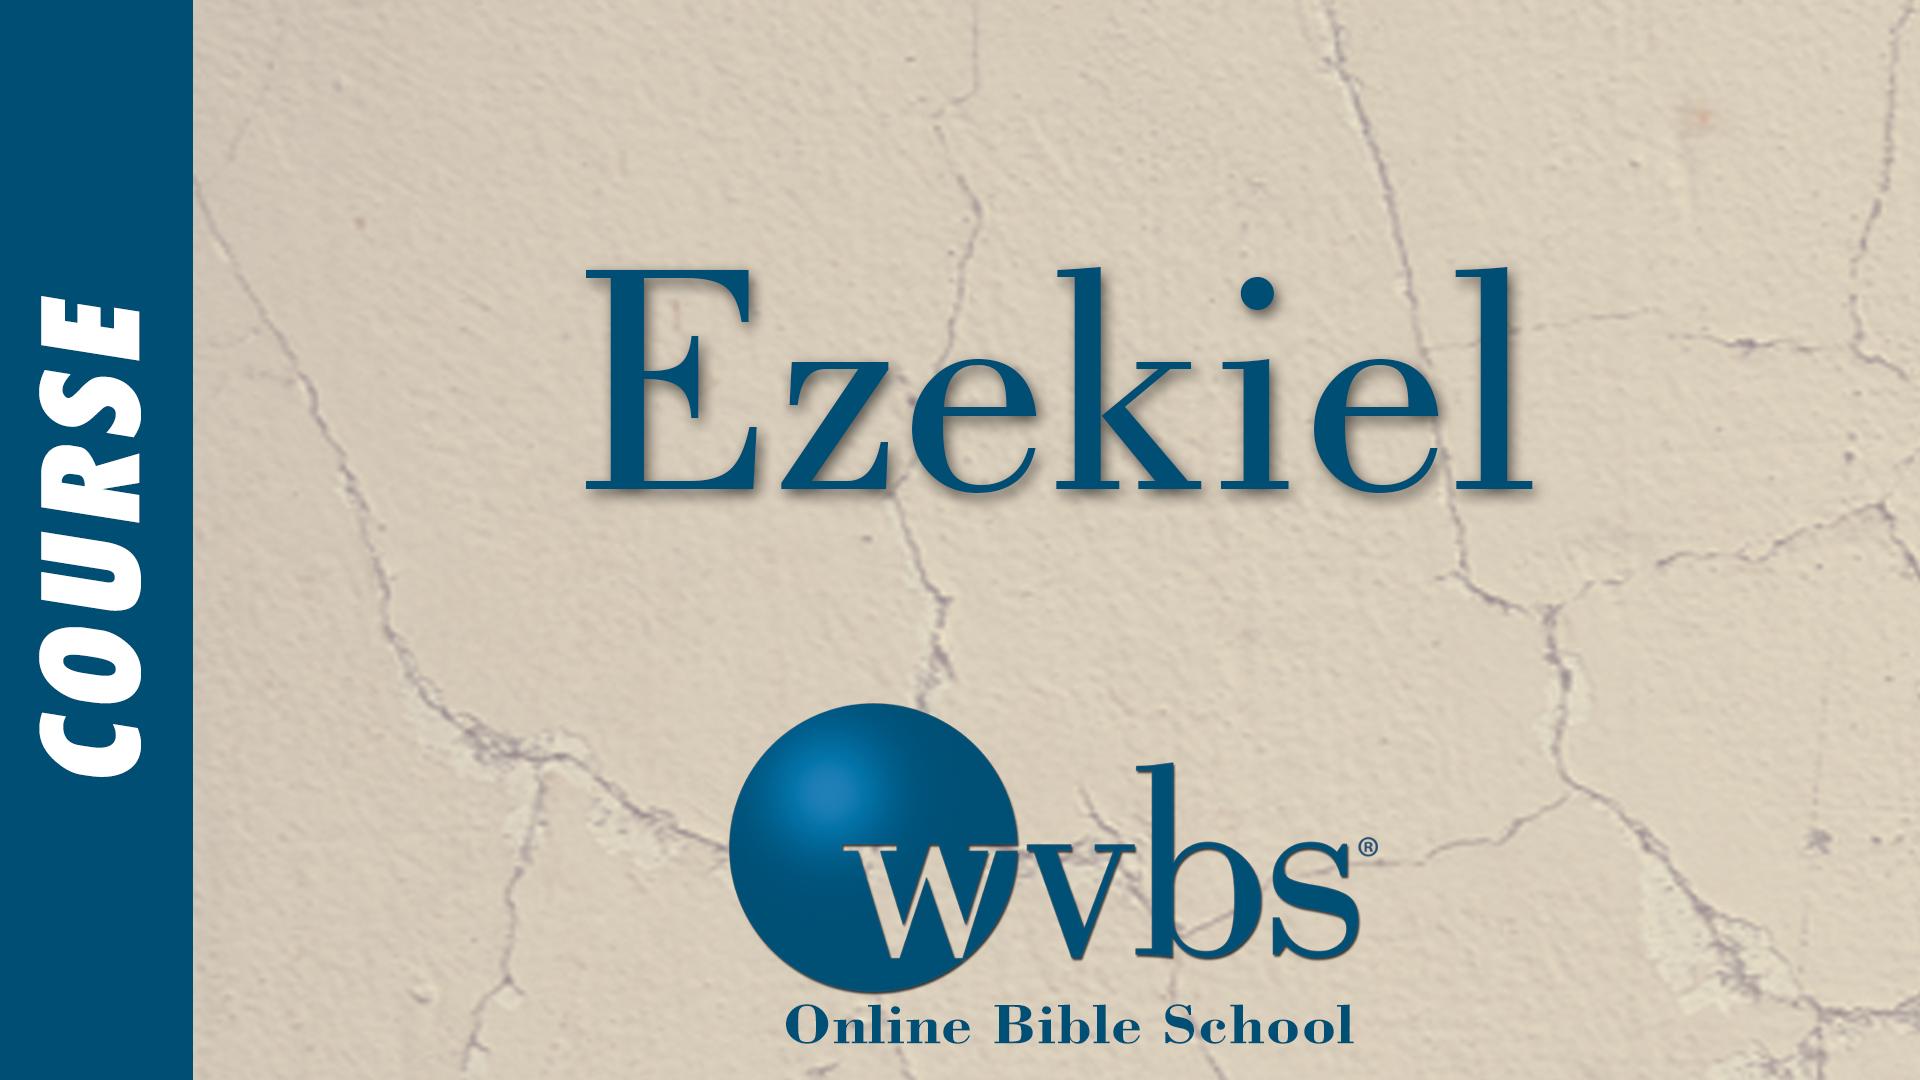 Ezekiel (Online Bible School)